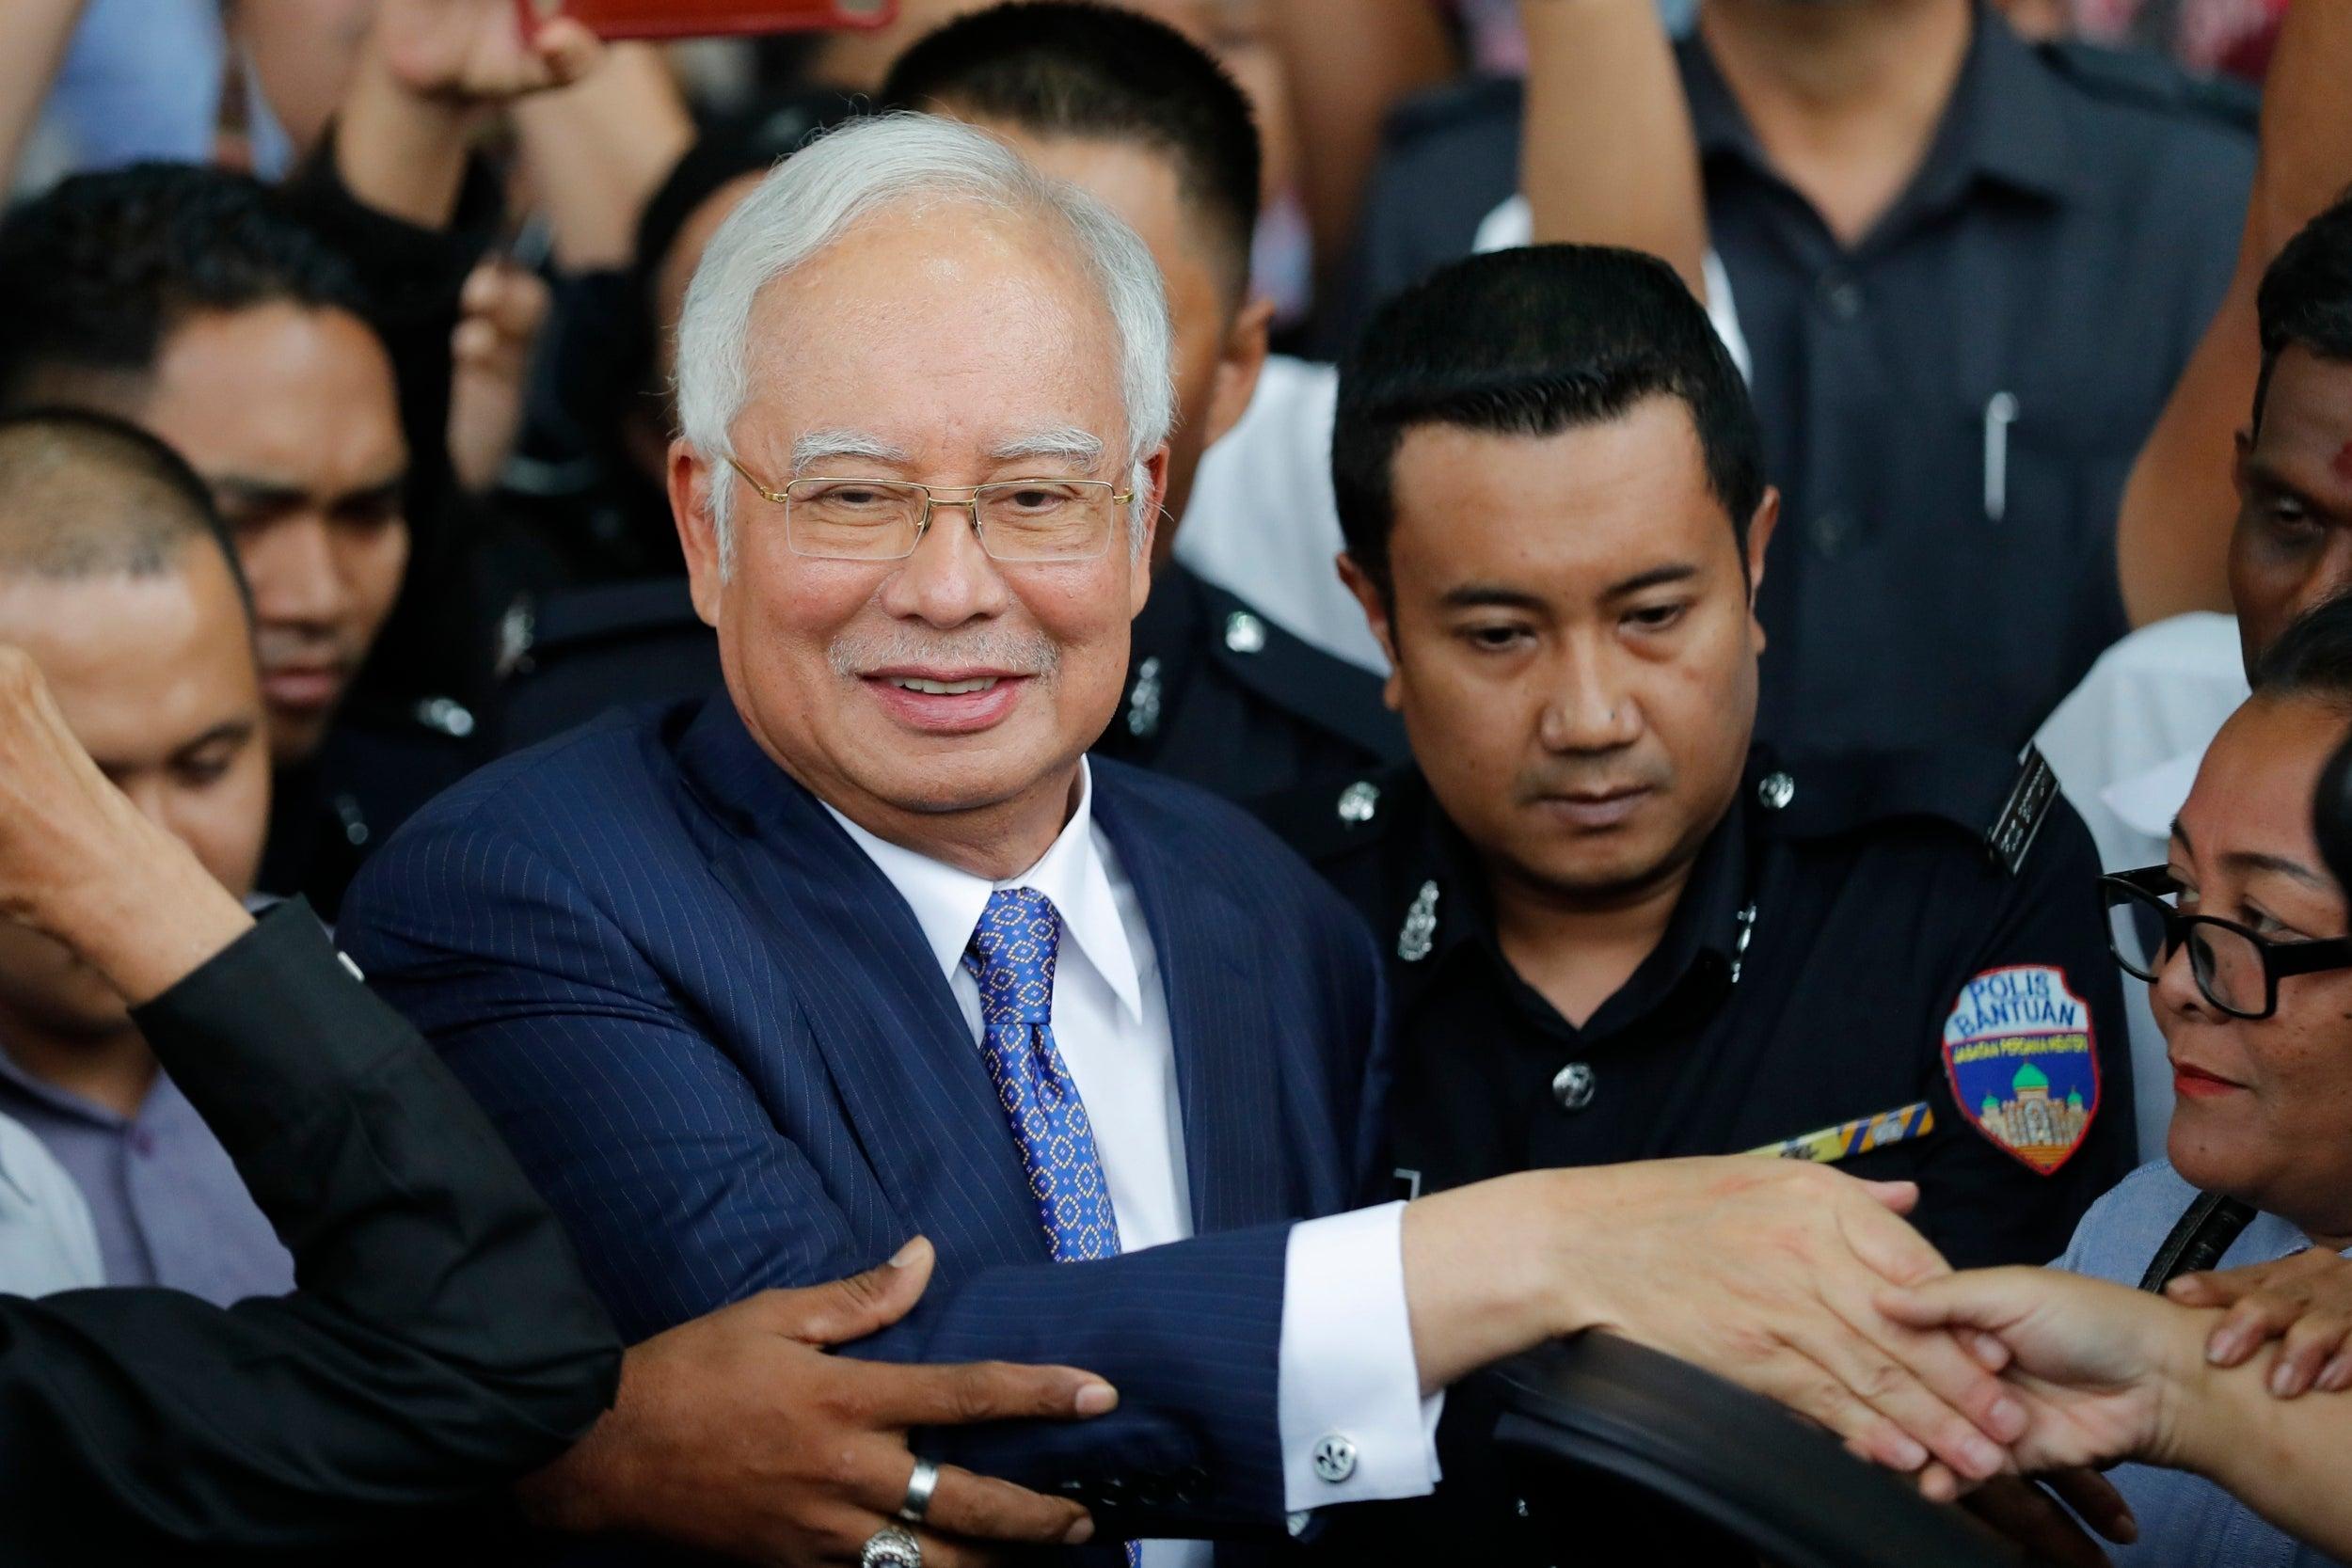 El antiguo primer ministro de Malasia, culpable de corrupción con un fondo estatal